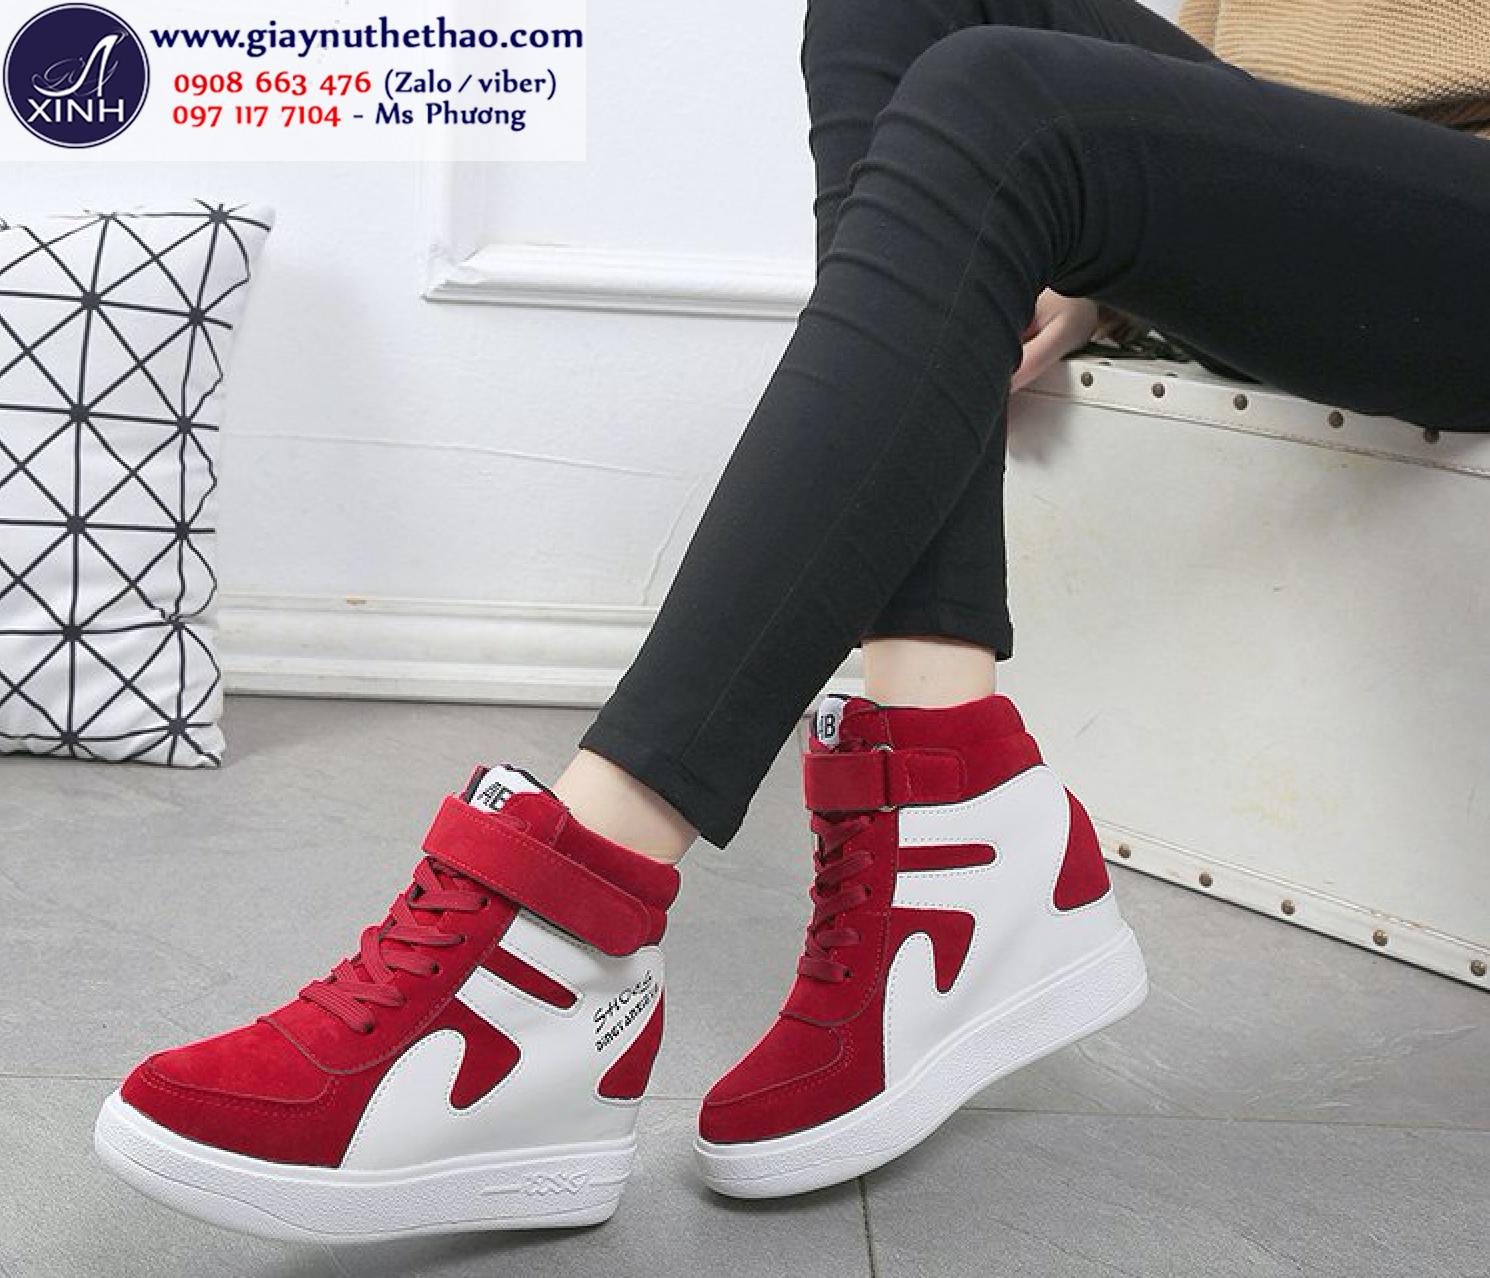 Giày thể thao nữ cổ cao độn đế năng động màu đỏ GTT2402